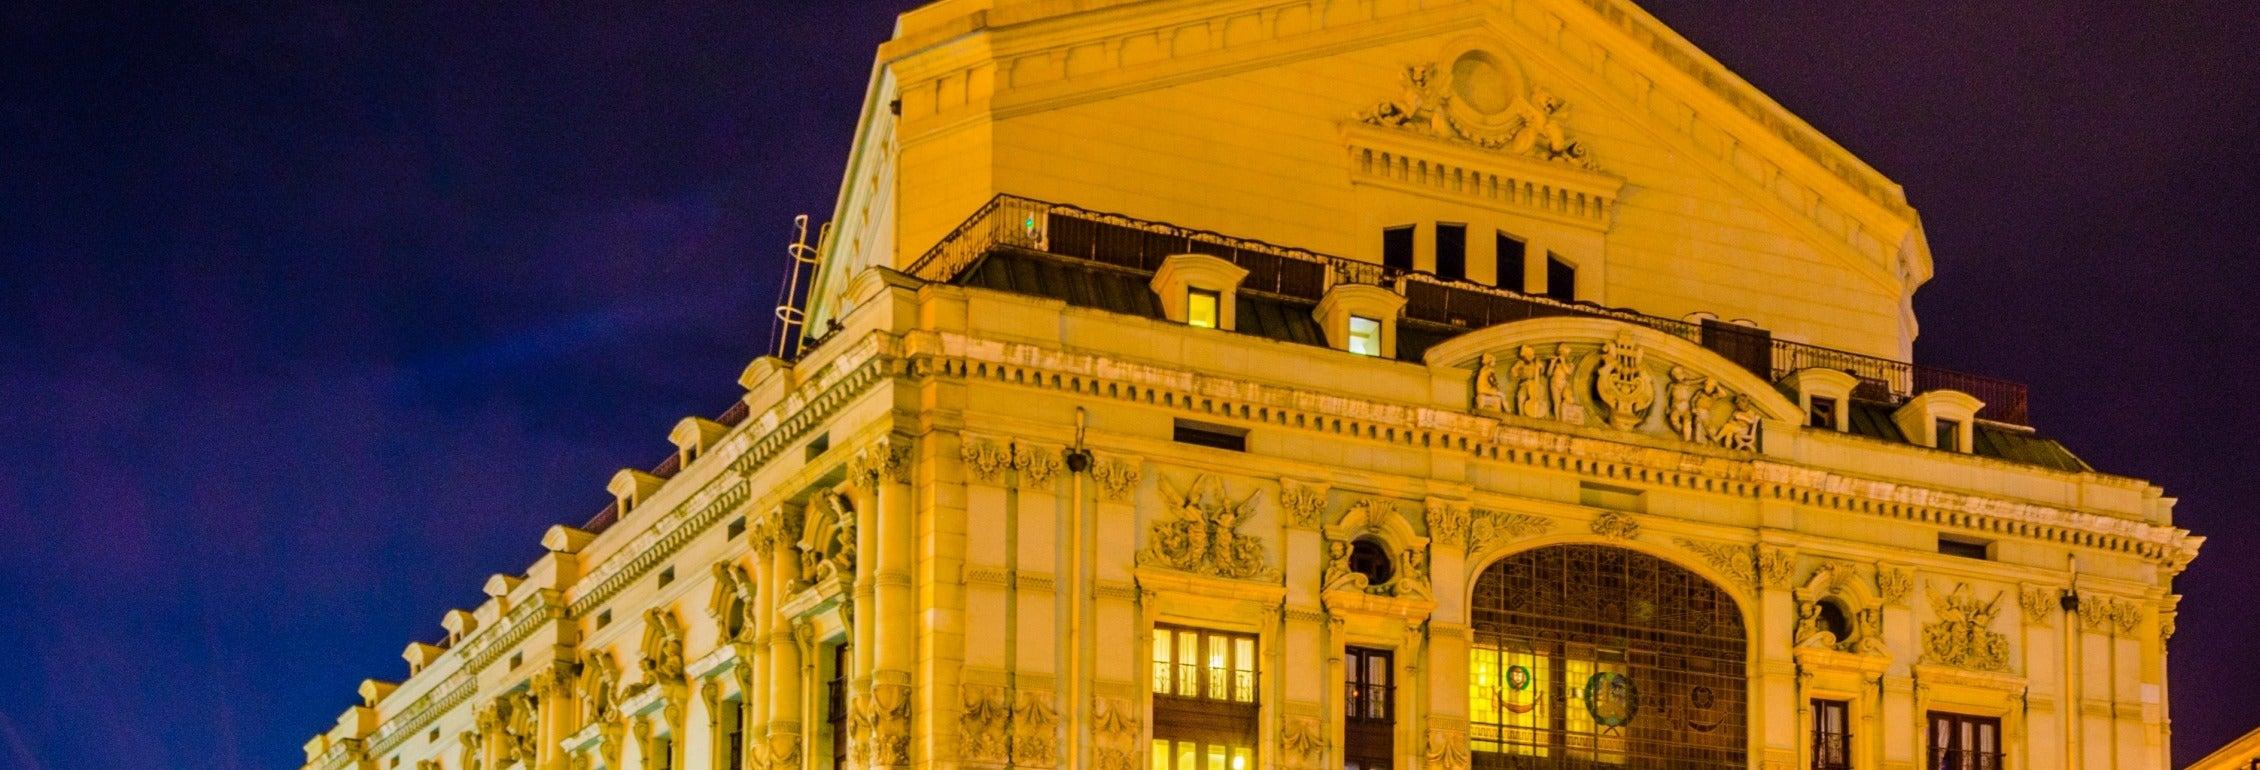 Free tour de los misterios y leyendas de Bilbao ¡Gratis!